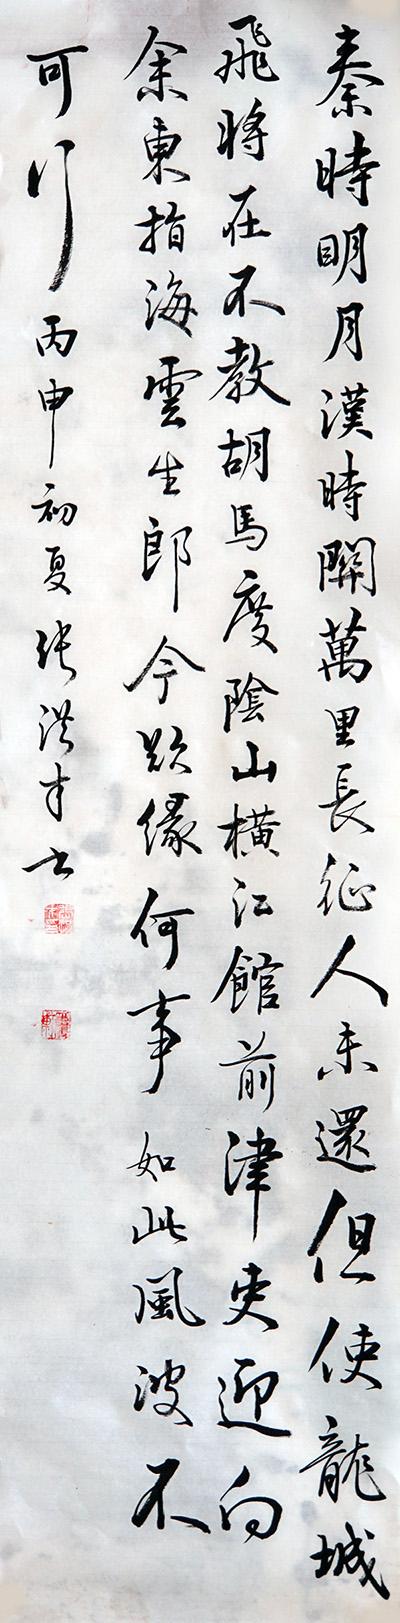 张洪才作品之一 (7)